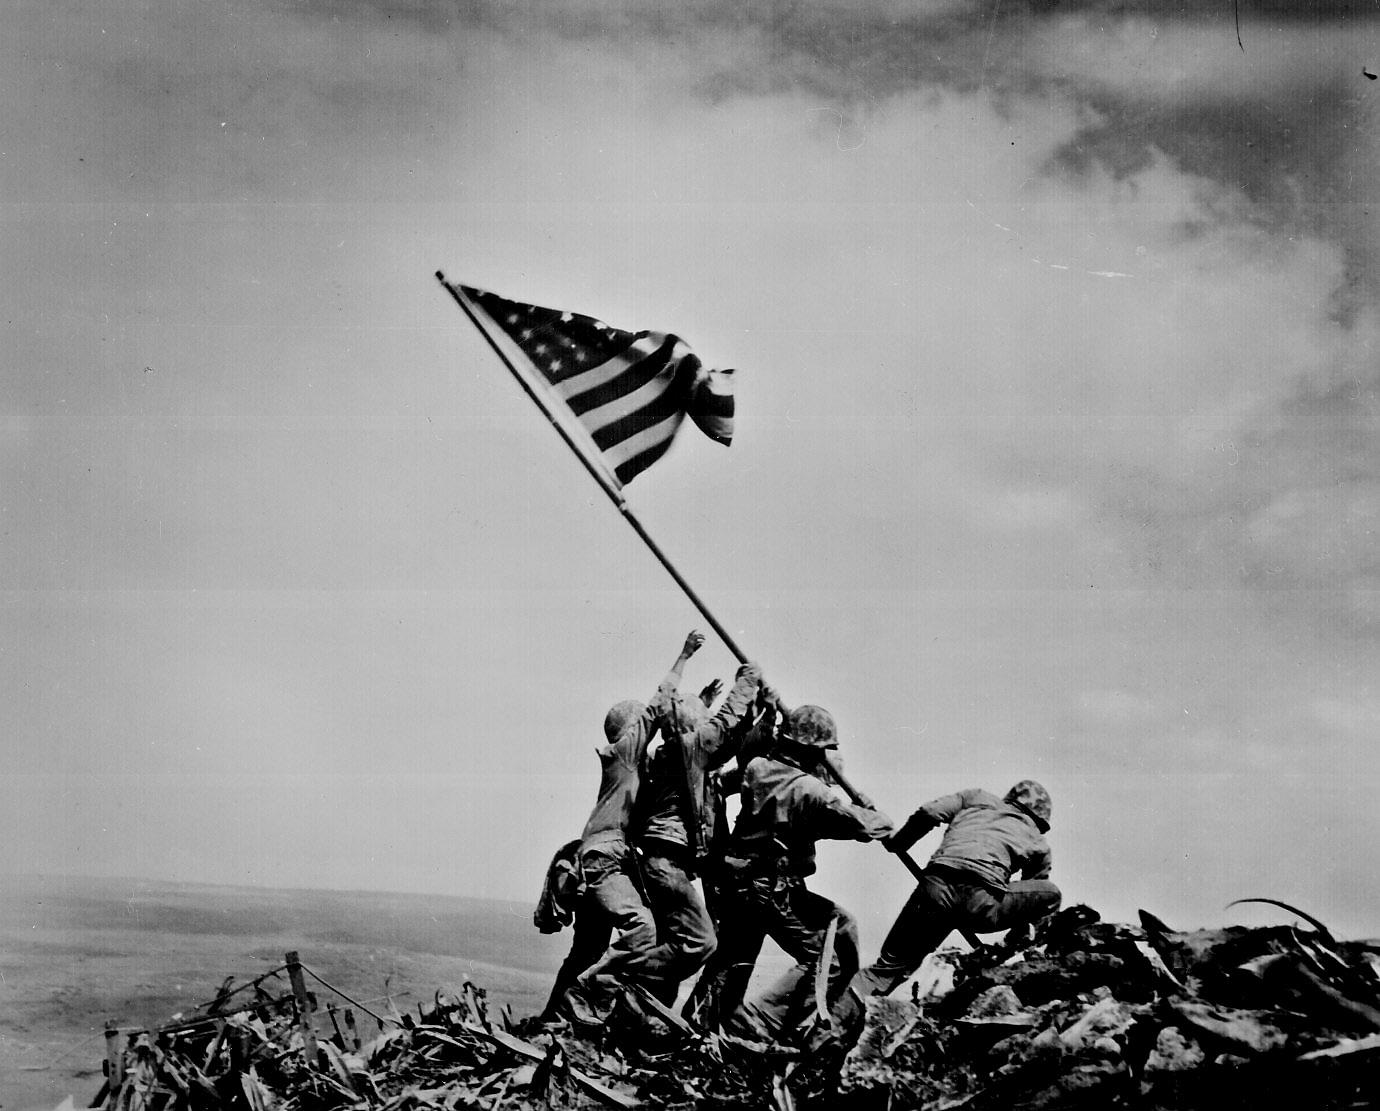 到底第二次世界大戰是如何幫助美國克服大恐慌的呢?現在就讓小編我來告訴你這個大秘密!